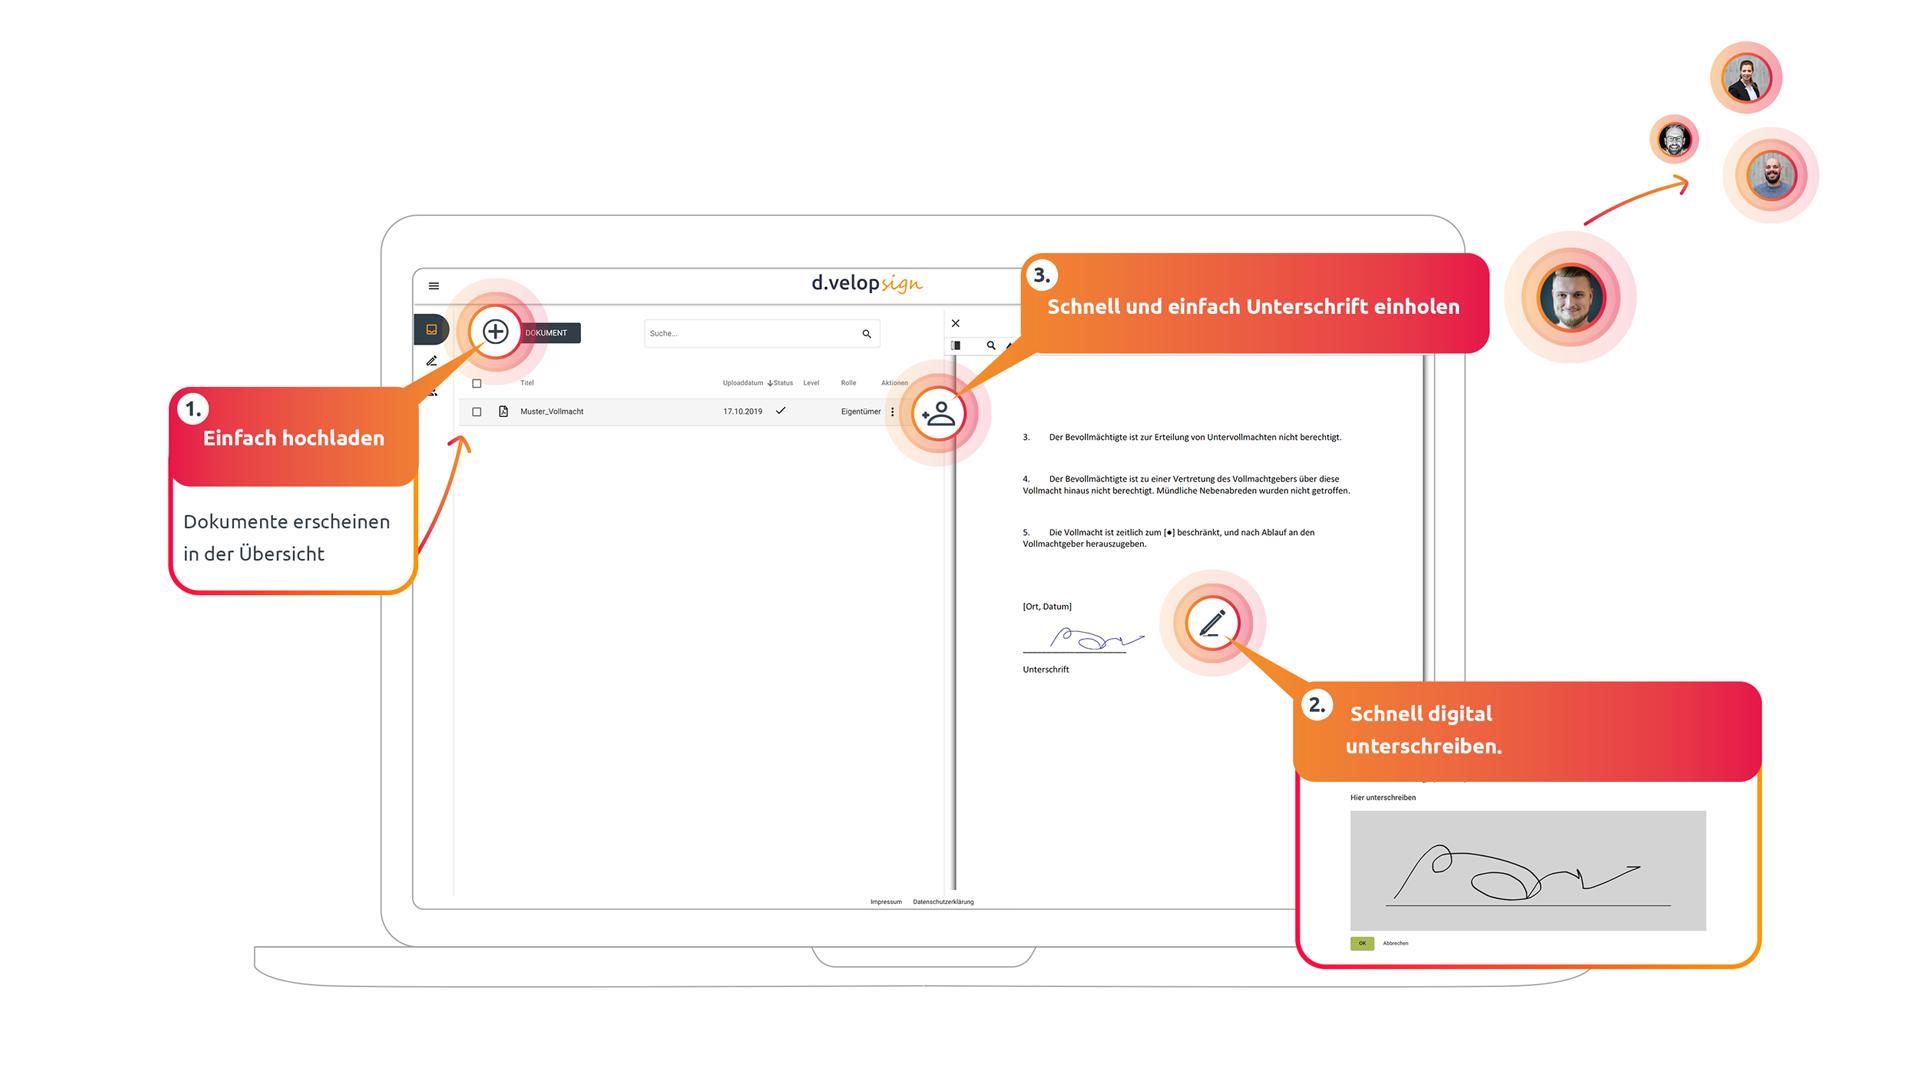 So einfach ist die digitale Unterschrift: Anmelden, Datei hochladen, per Klick unterschreiben